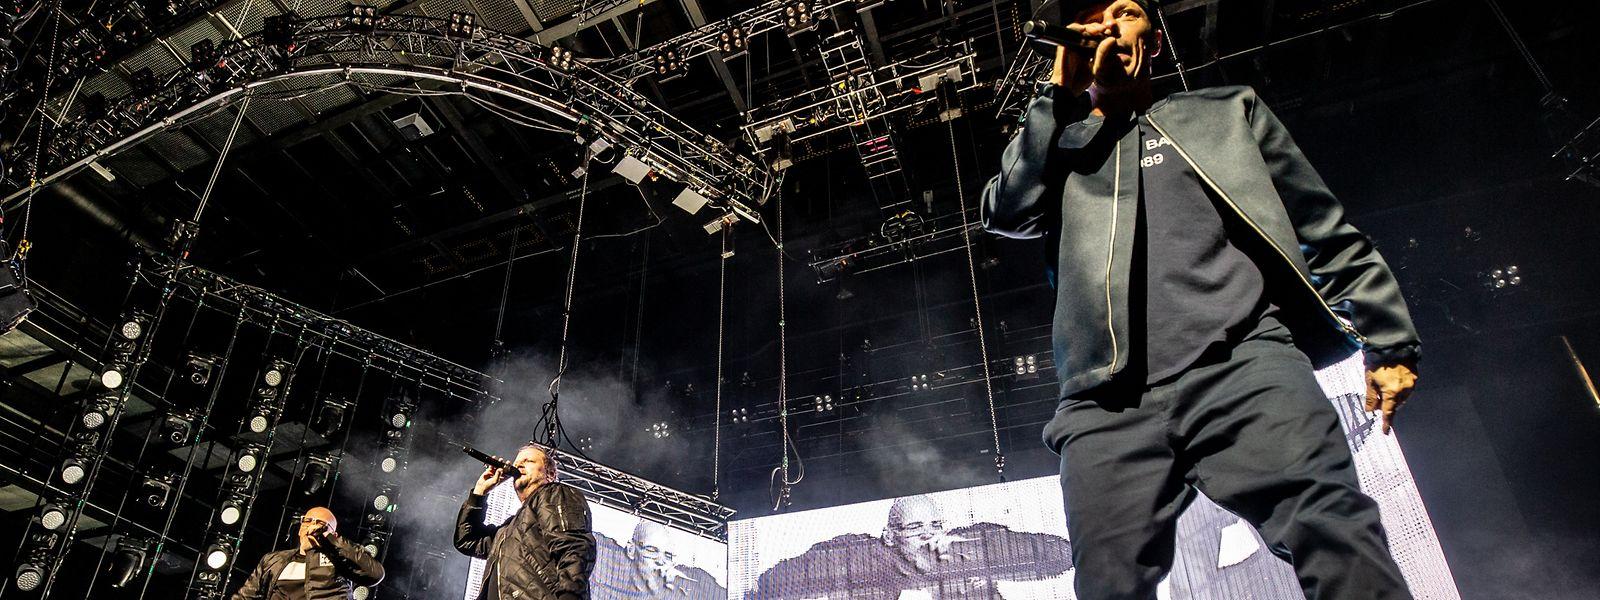 Die Fantastischen Vier zauberten eine coole Show auf die Bühne.